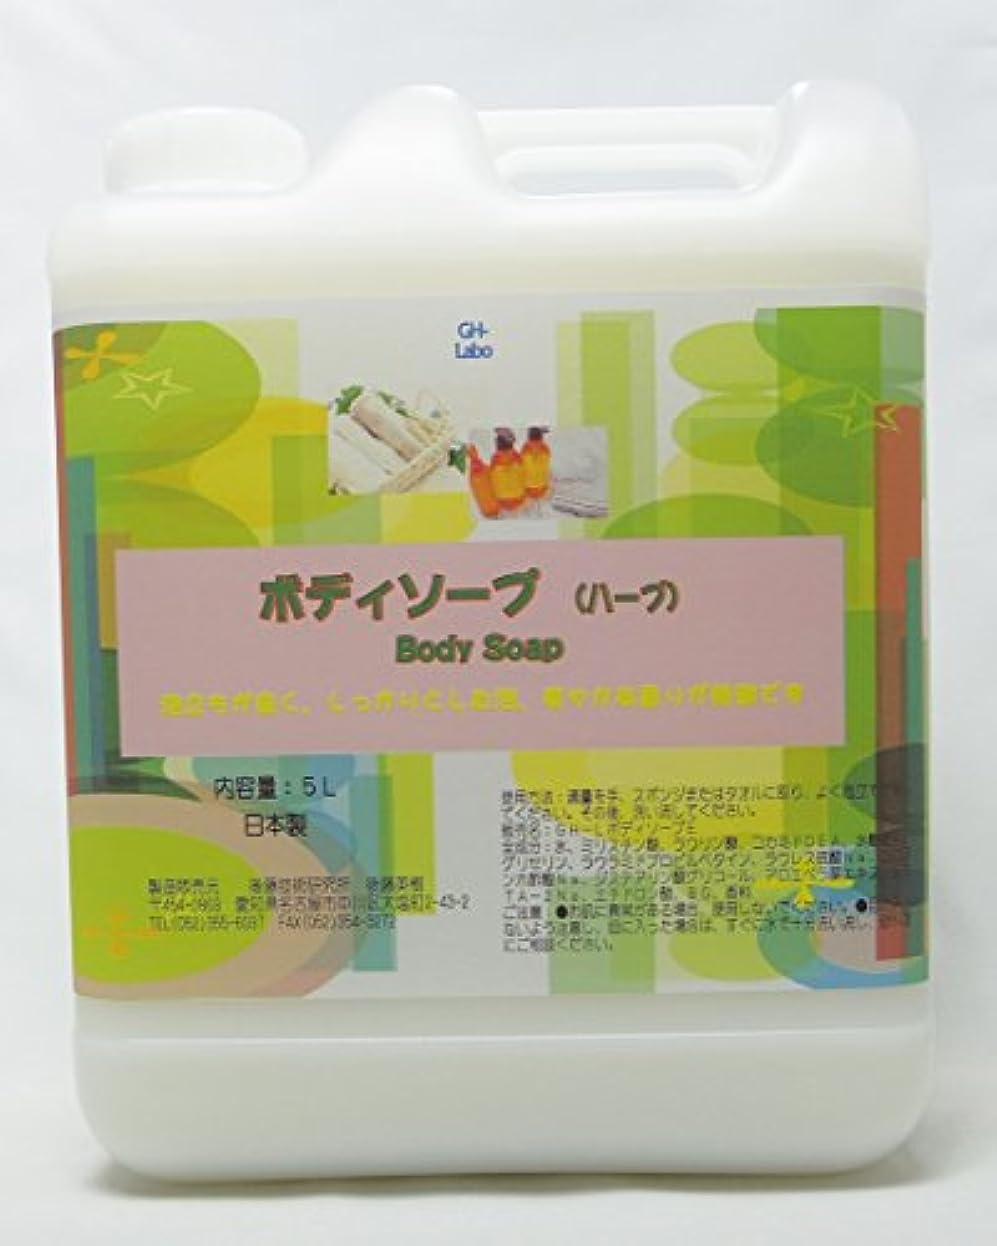 愛するカテナ静けさGH-Labo 業務用ボディソープ ハーブ(セージ)の香り 5L